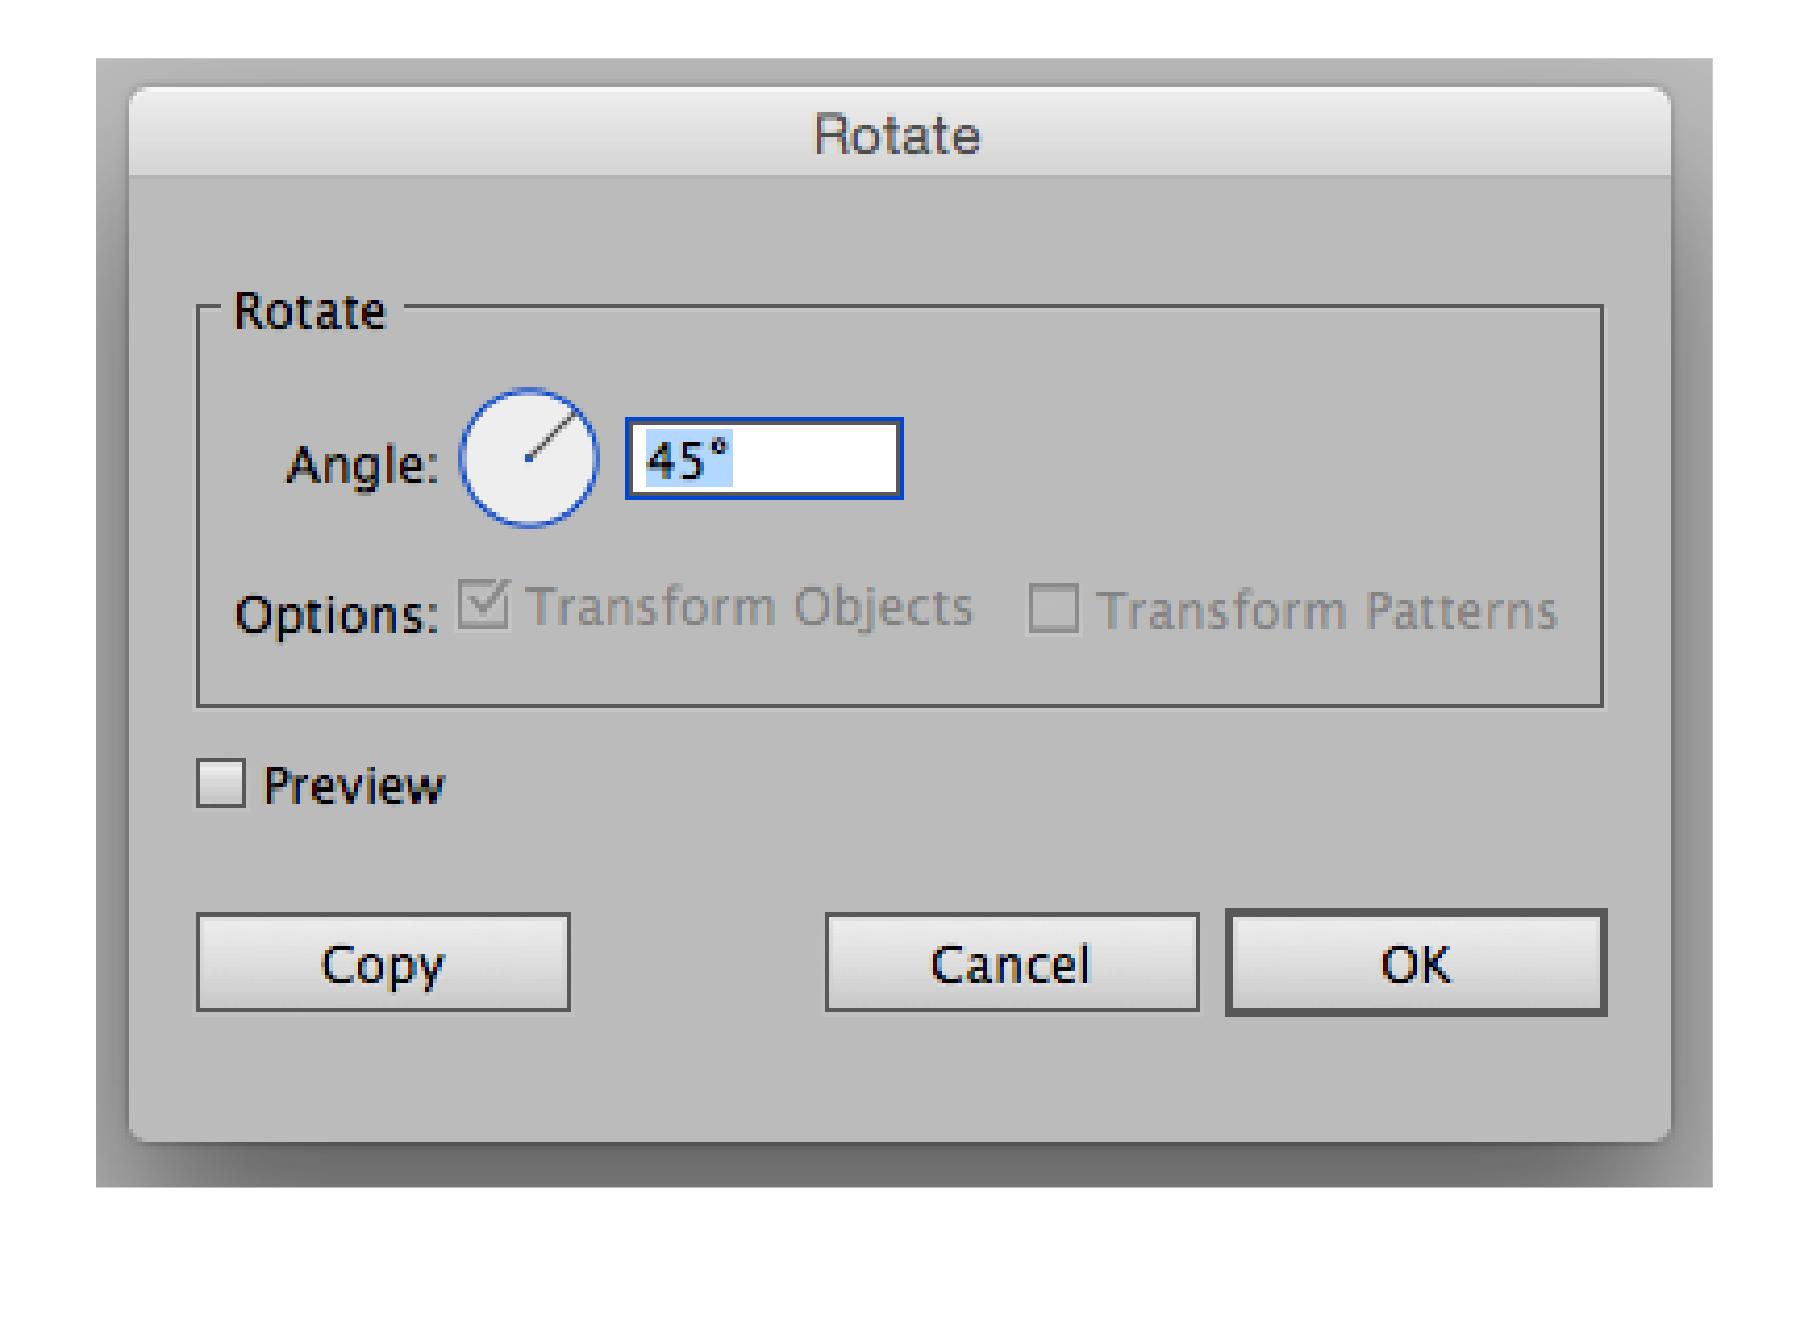 Rotate Dialog Box